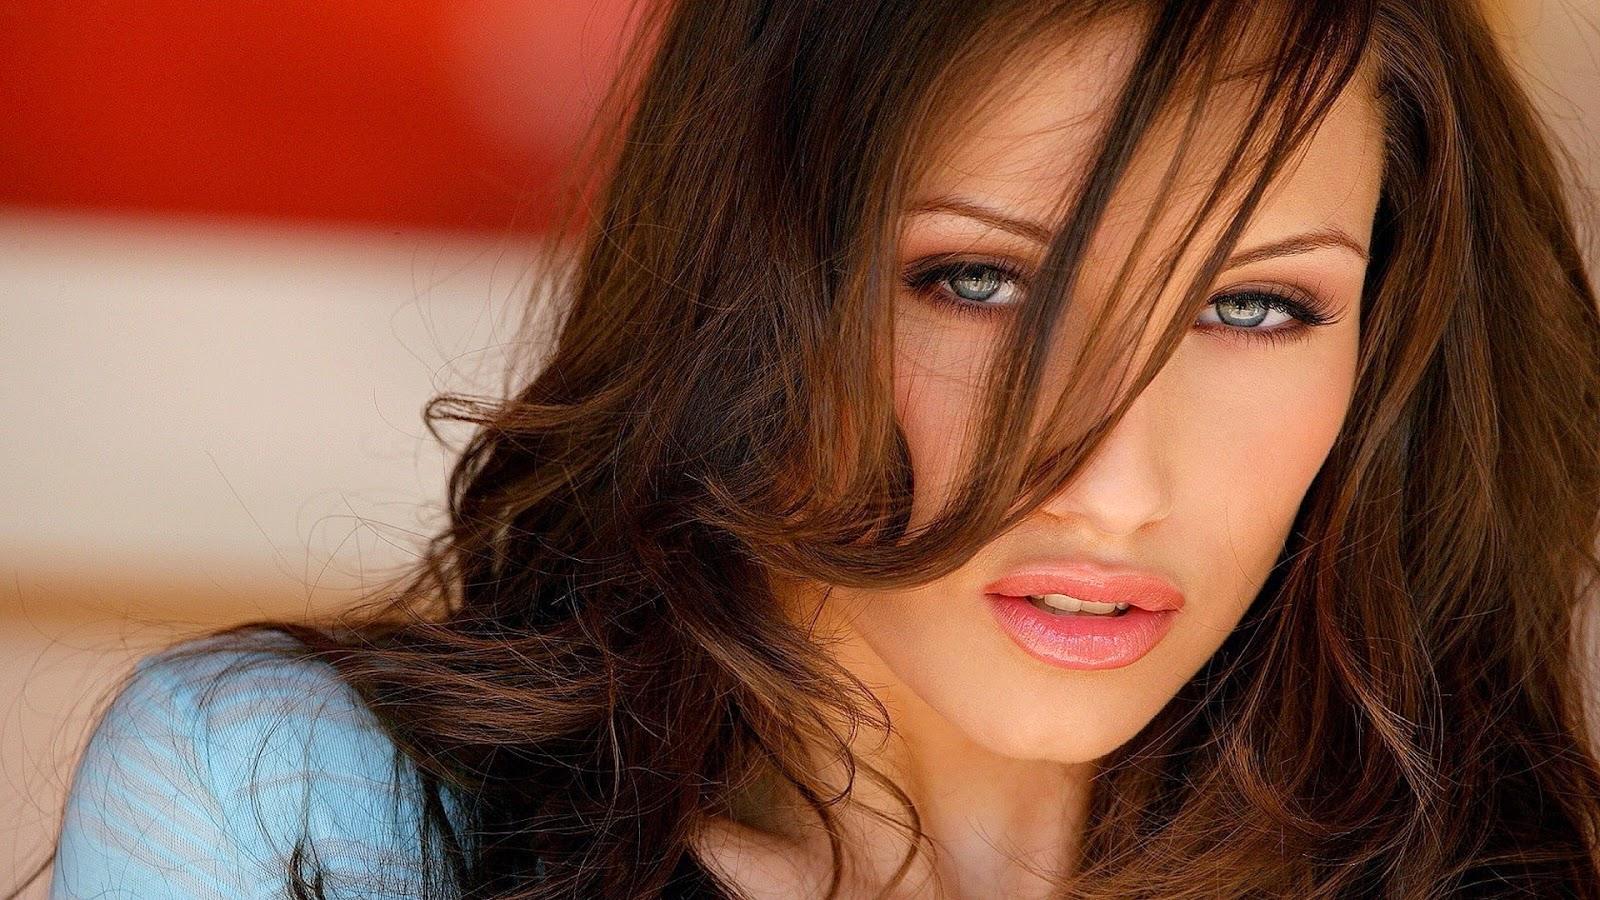 Самые красивые девушки бесплатно фото